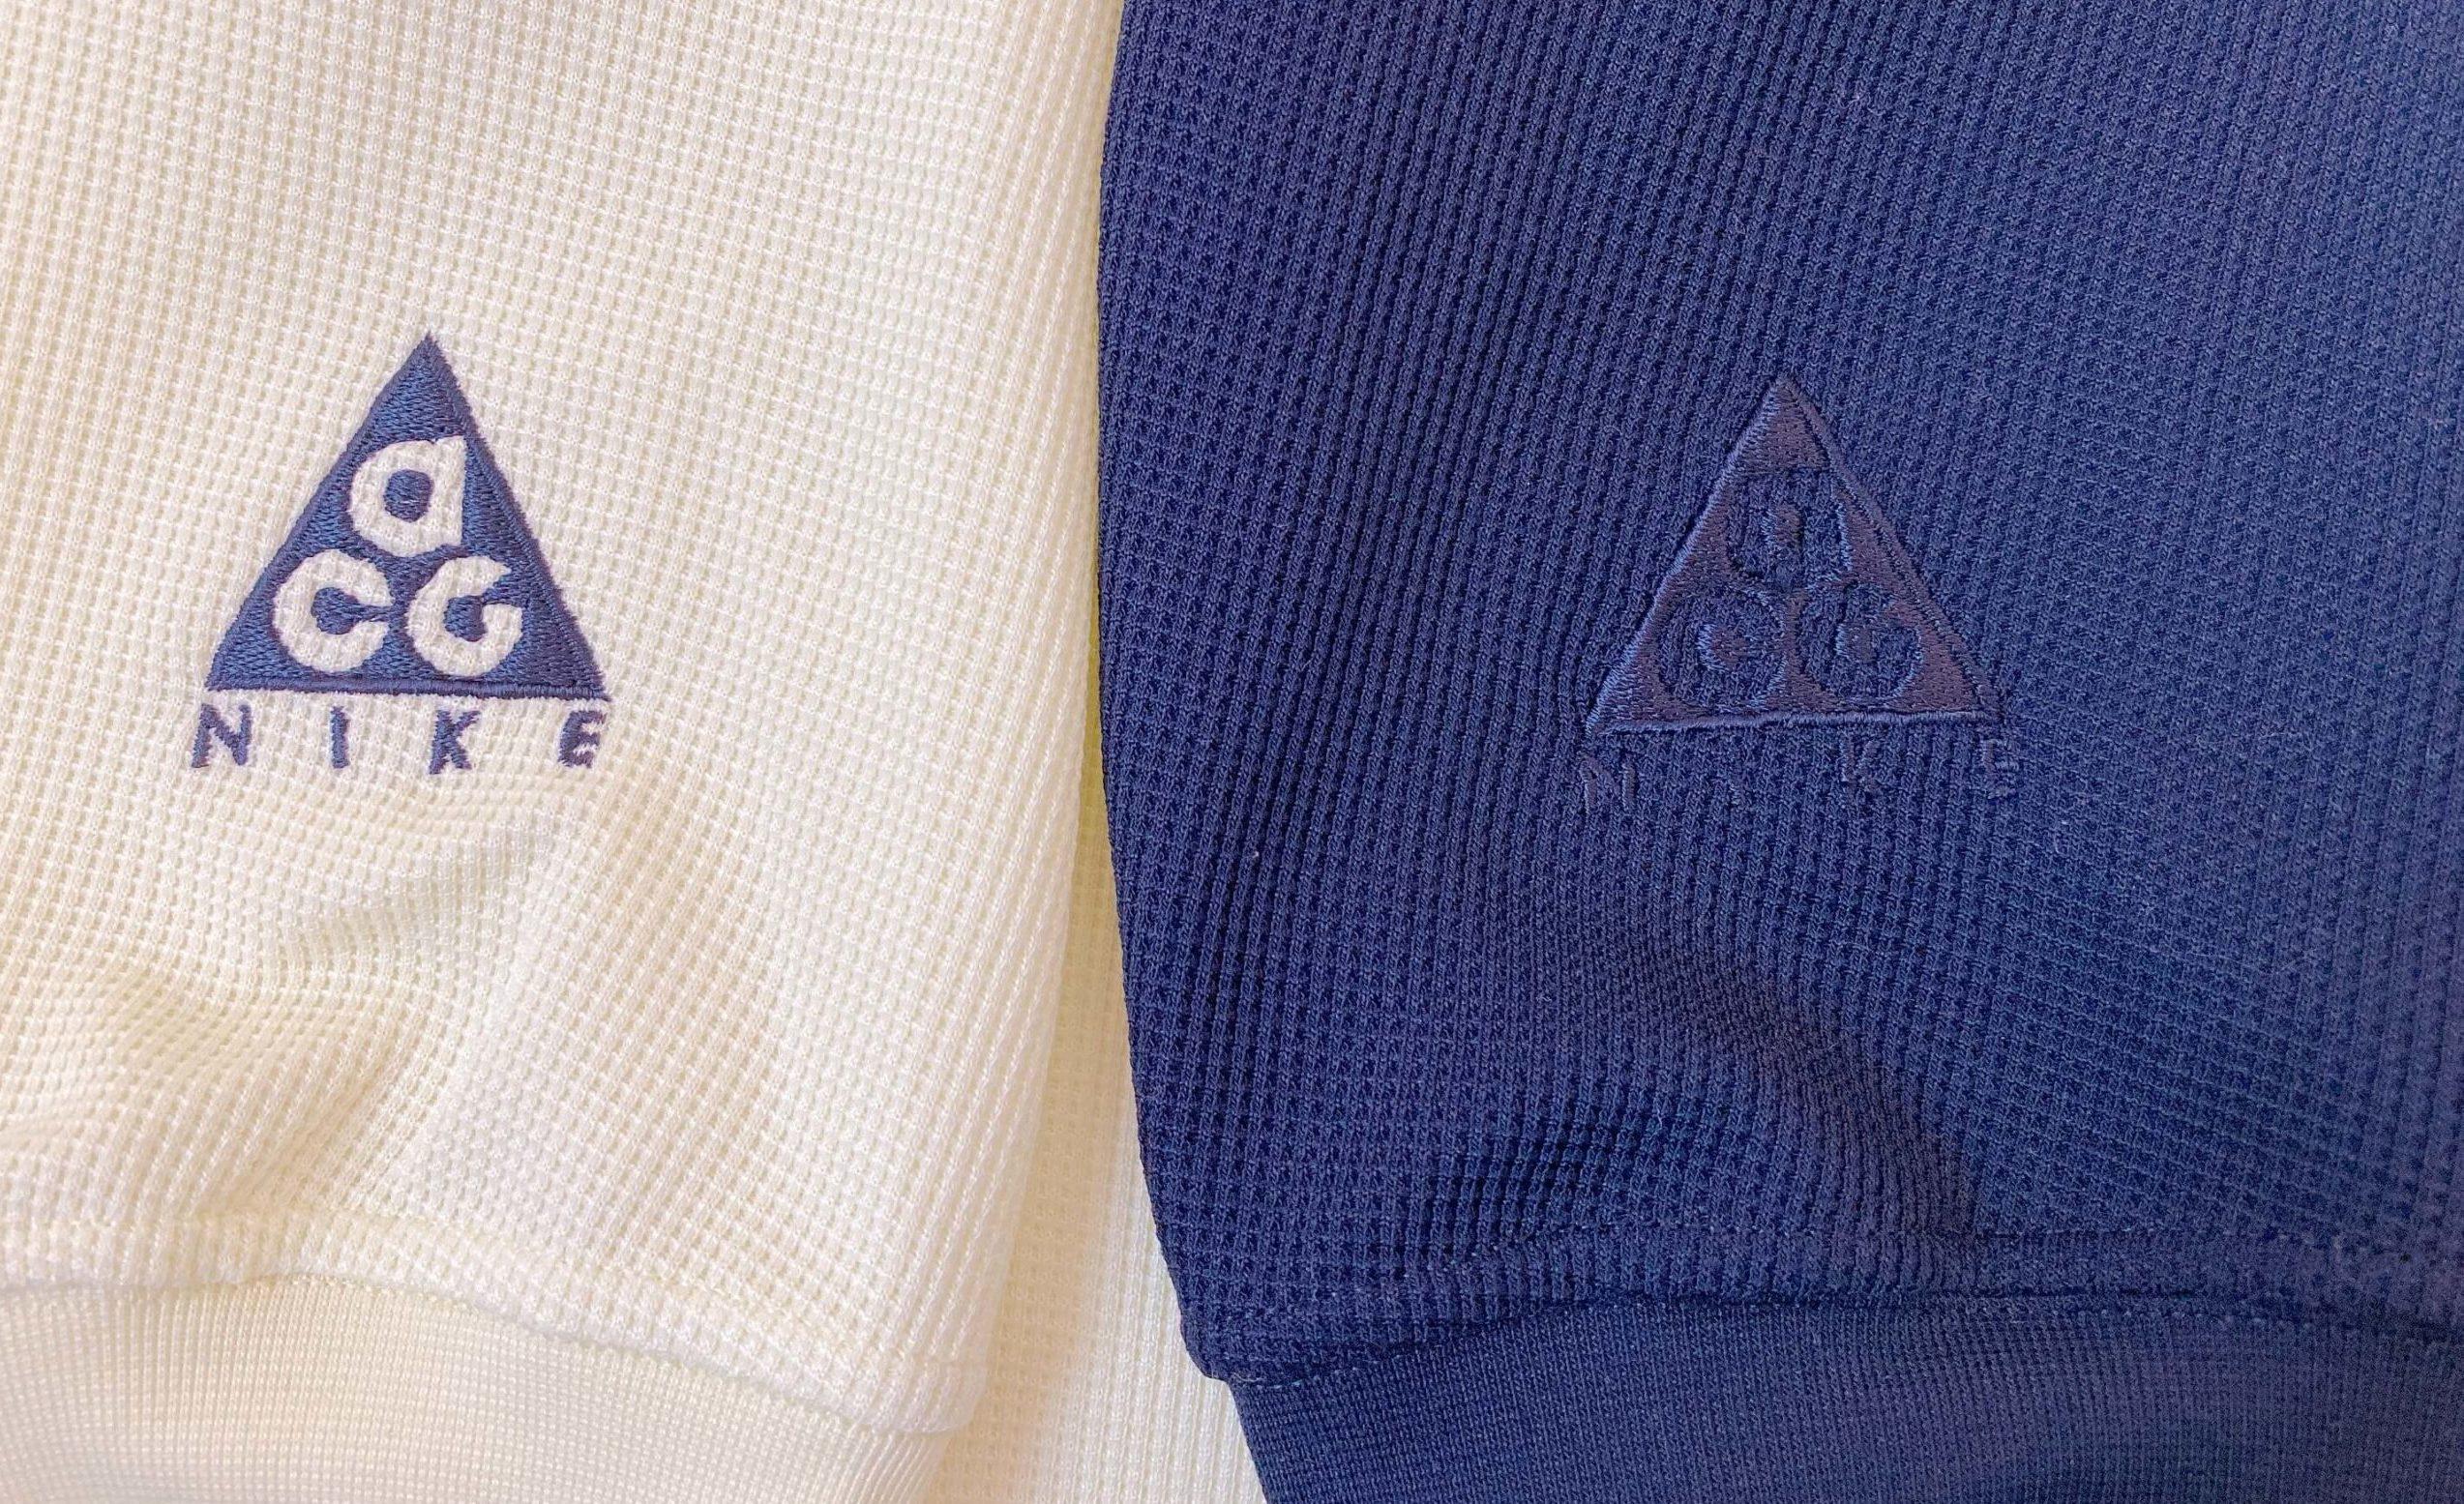 ナイキACGのロゴの刺繍